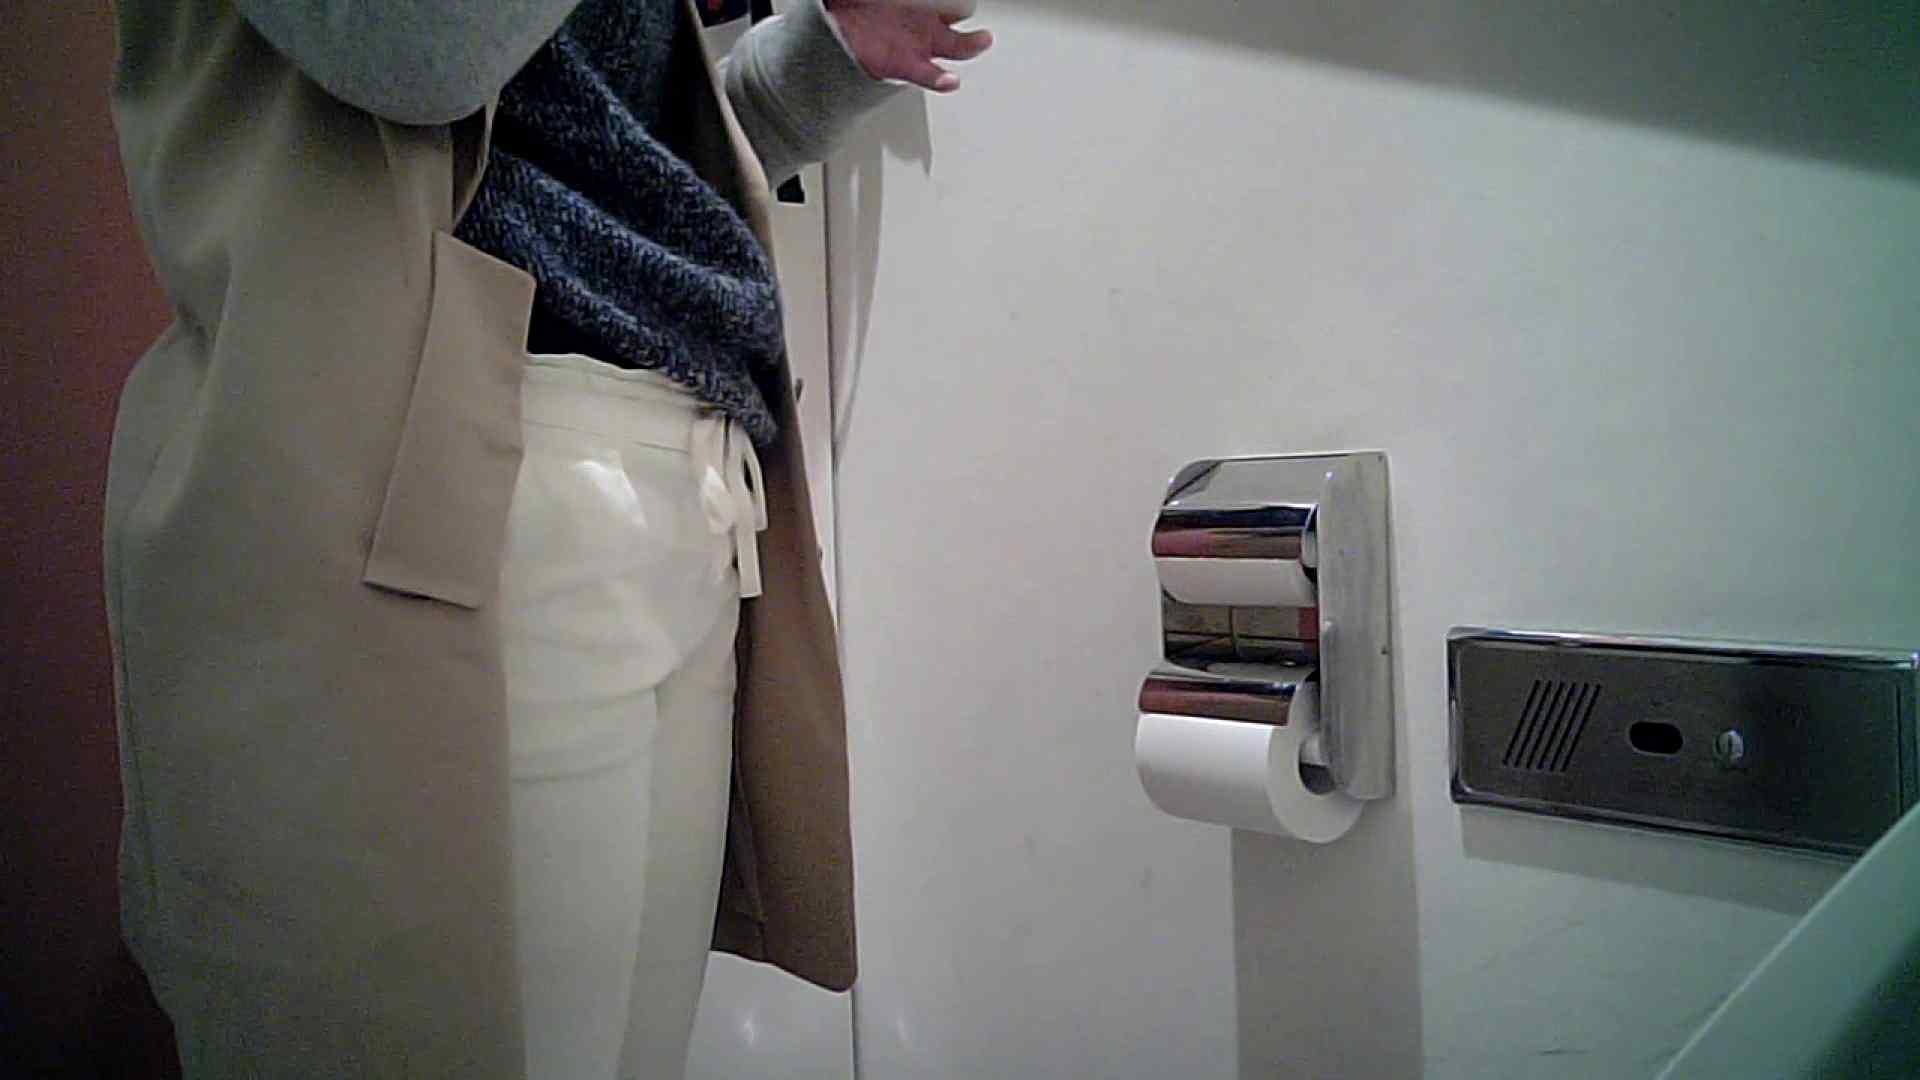 某有名大学女性洗面所 vol.26 和式 盗撮 107PIX 74